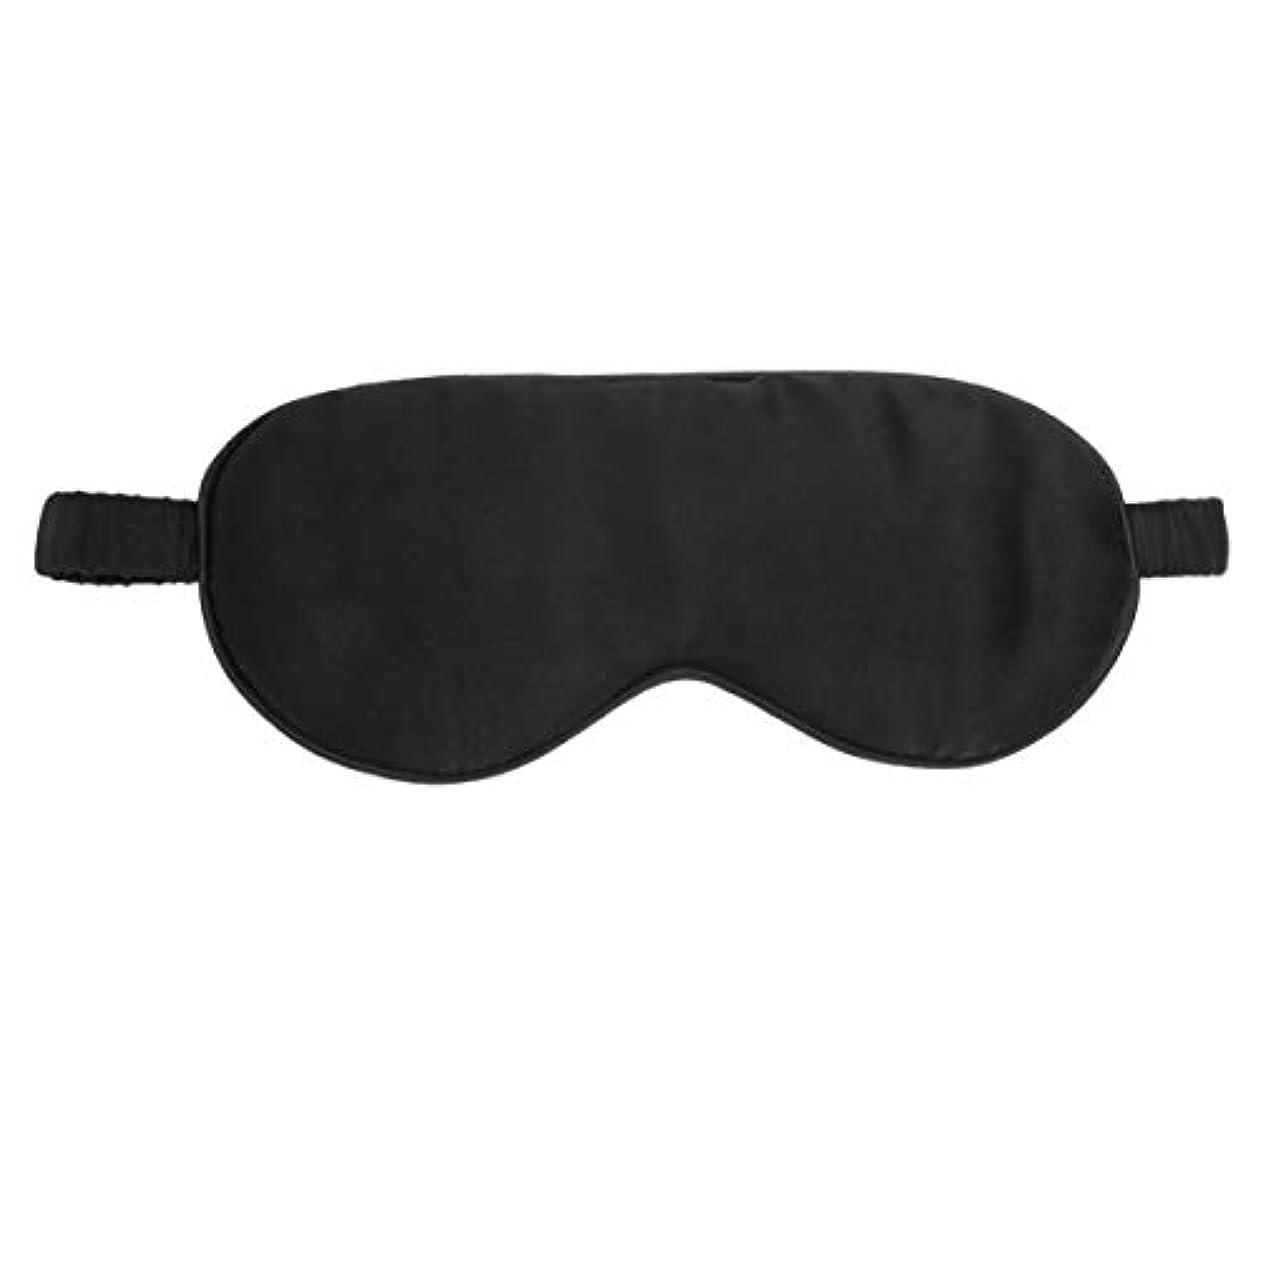 外部大きなスケールで見ると大きなスケールで見るとHealifty アイマスク調節可能な睡眠マスクアイカバー(黒)